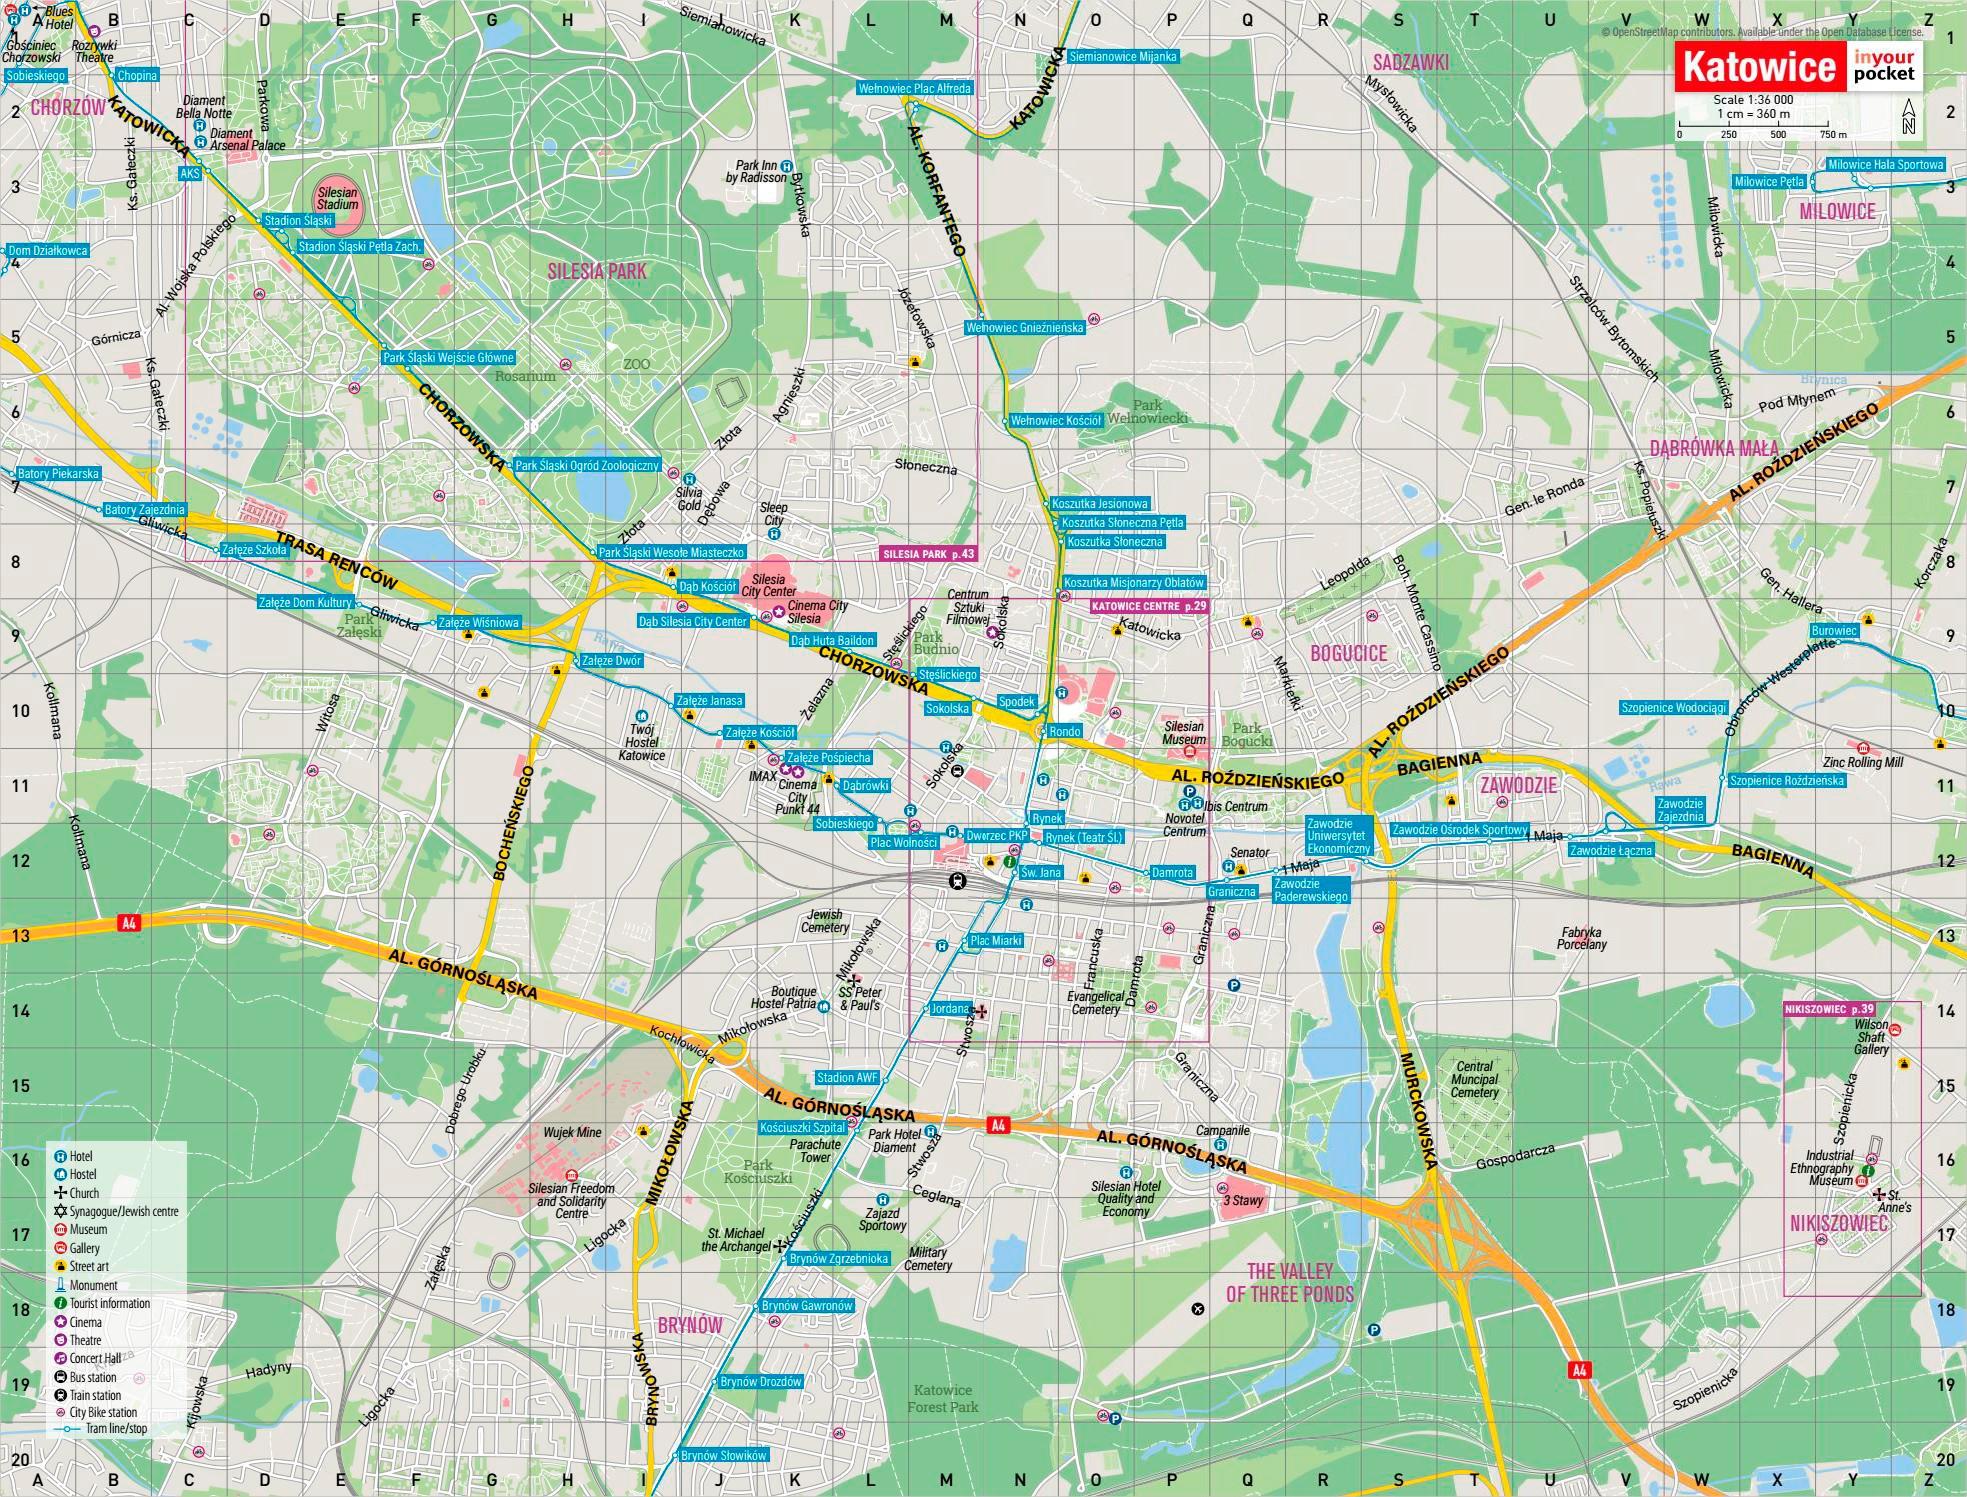 Достопримечательности Катовице на карте